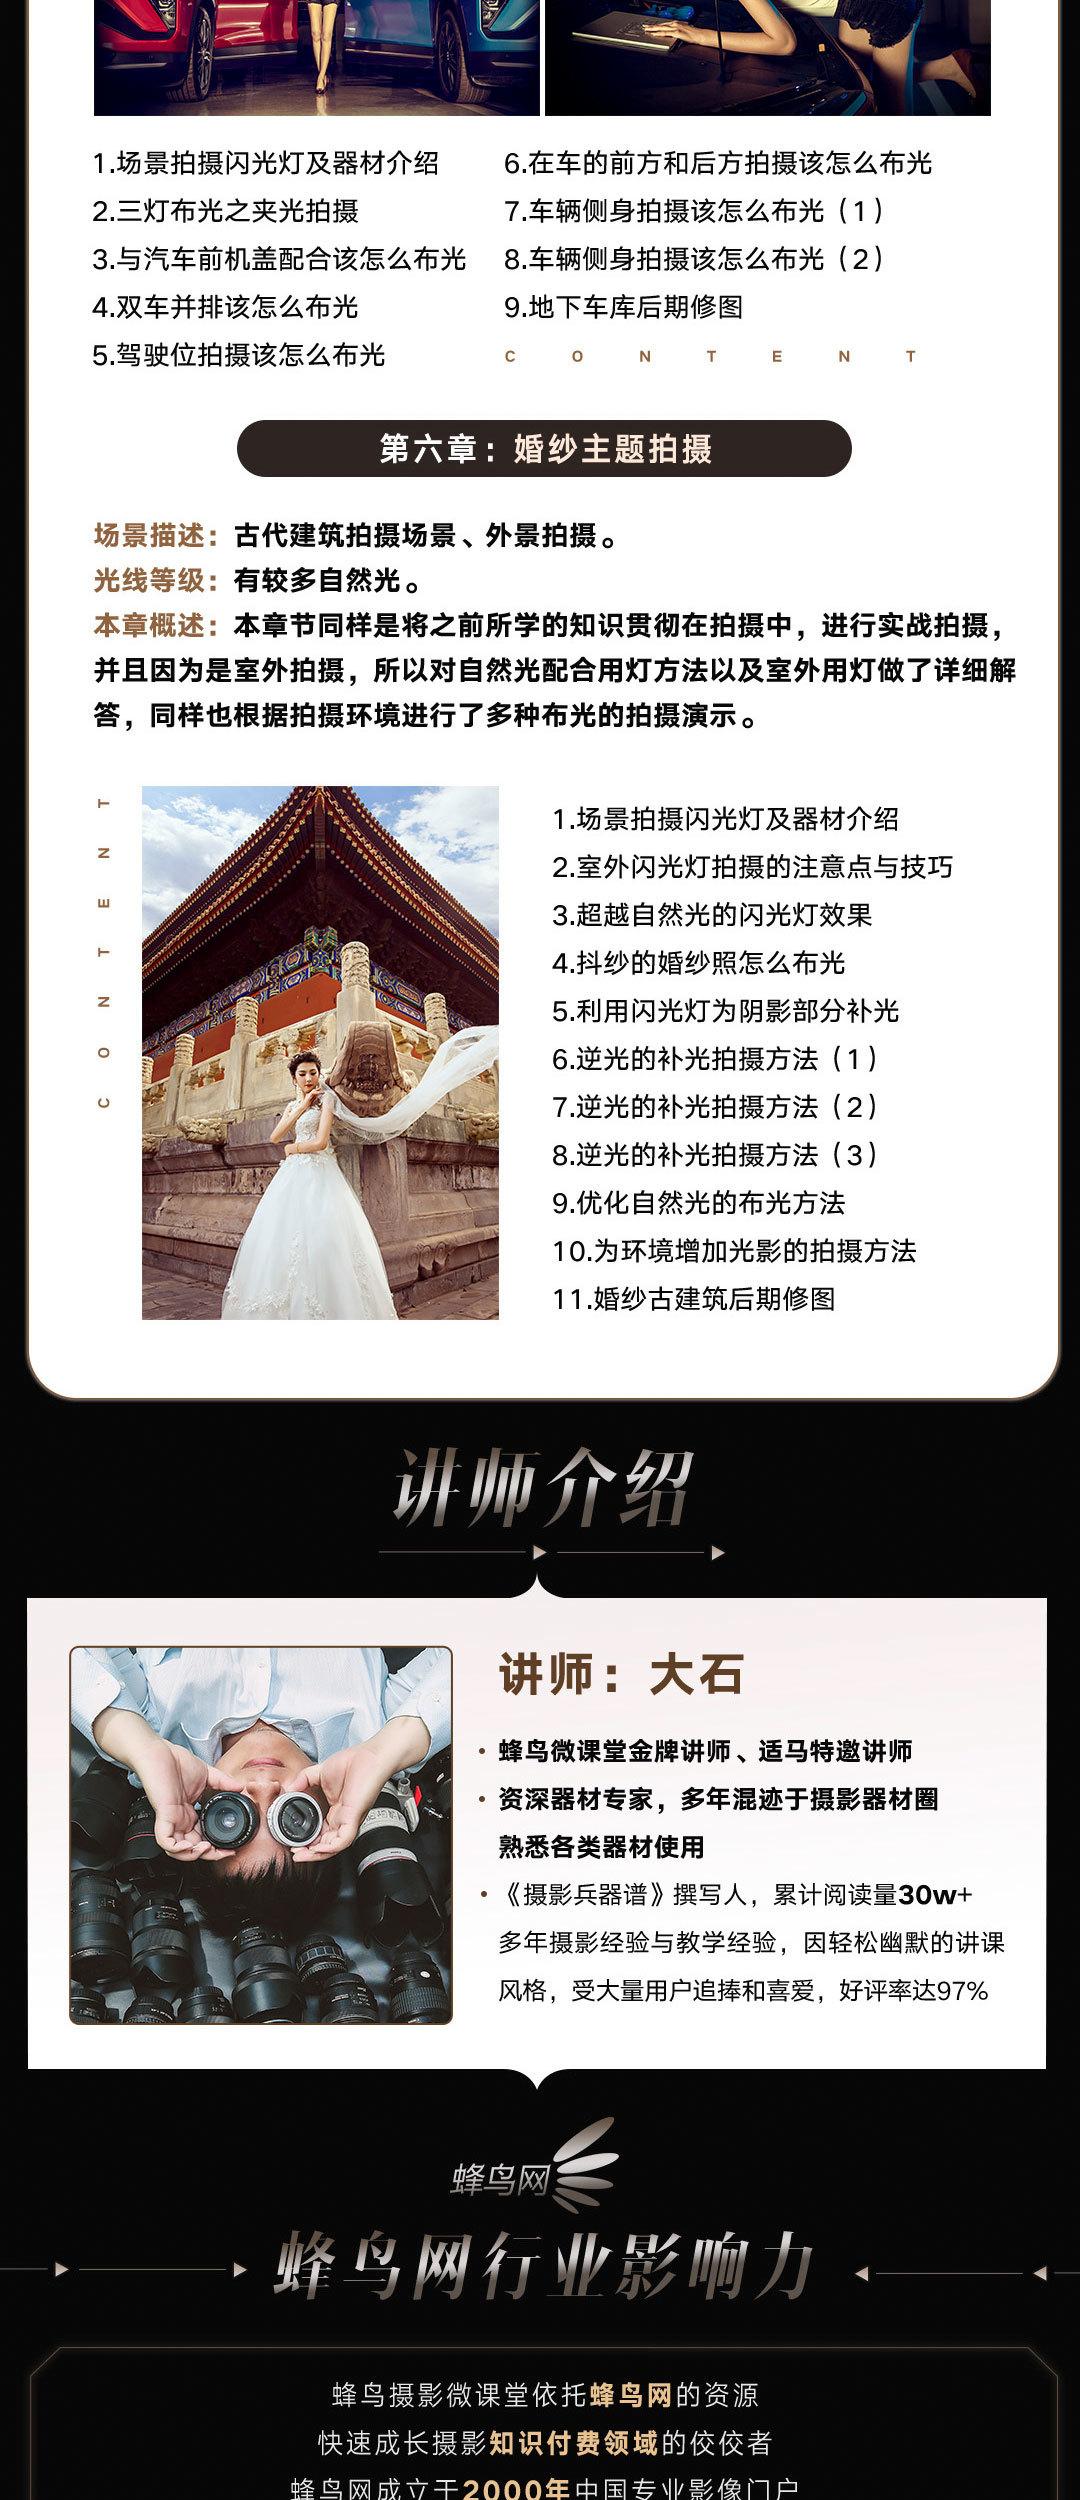 闪光灯实战_04.jpg